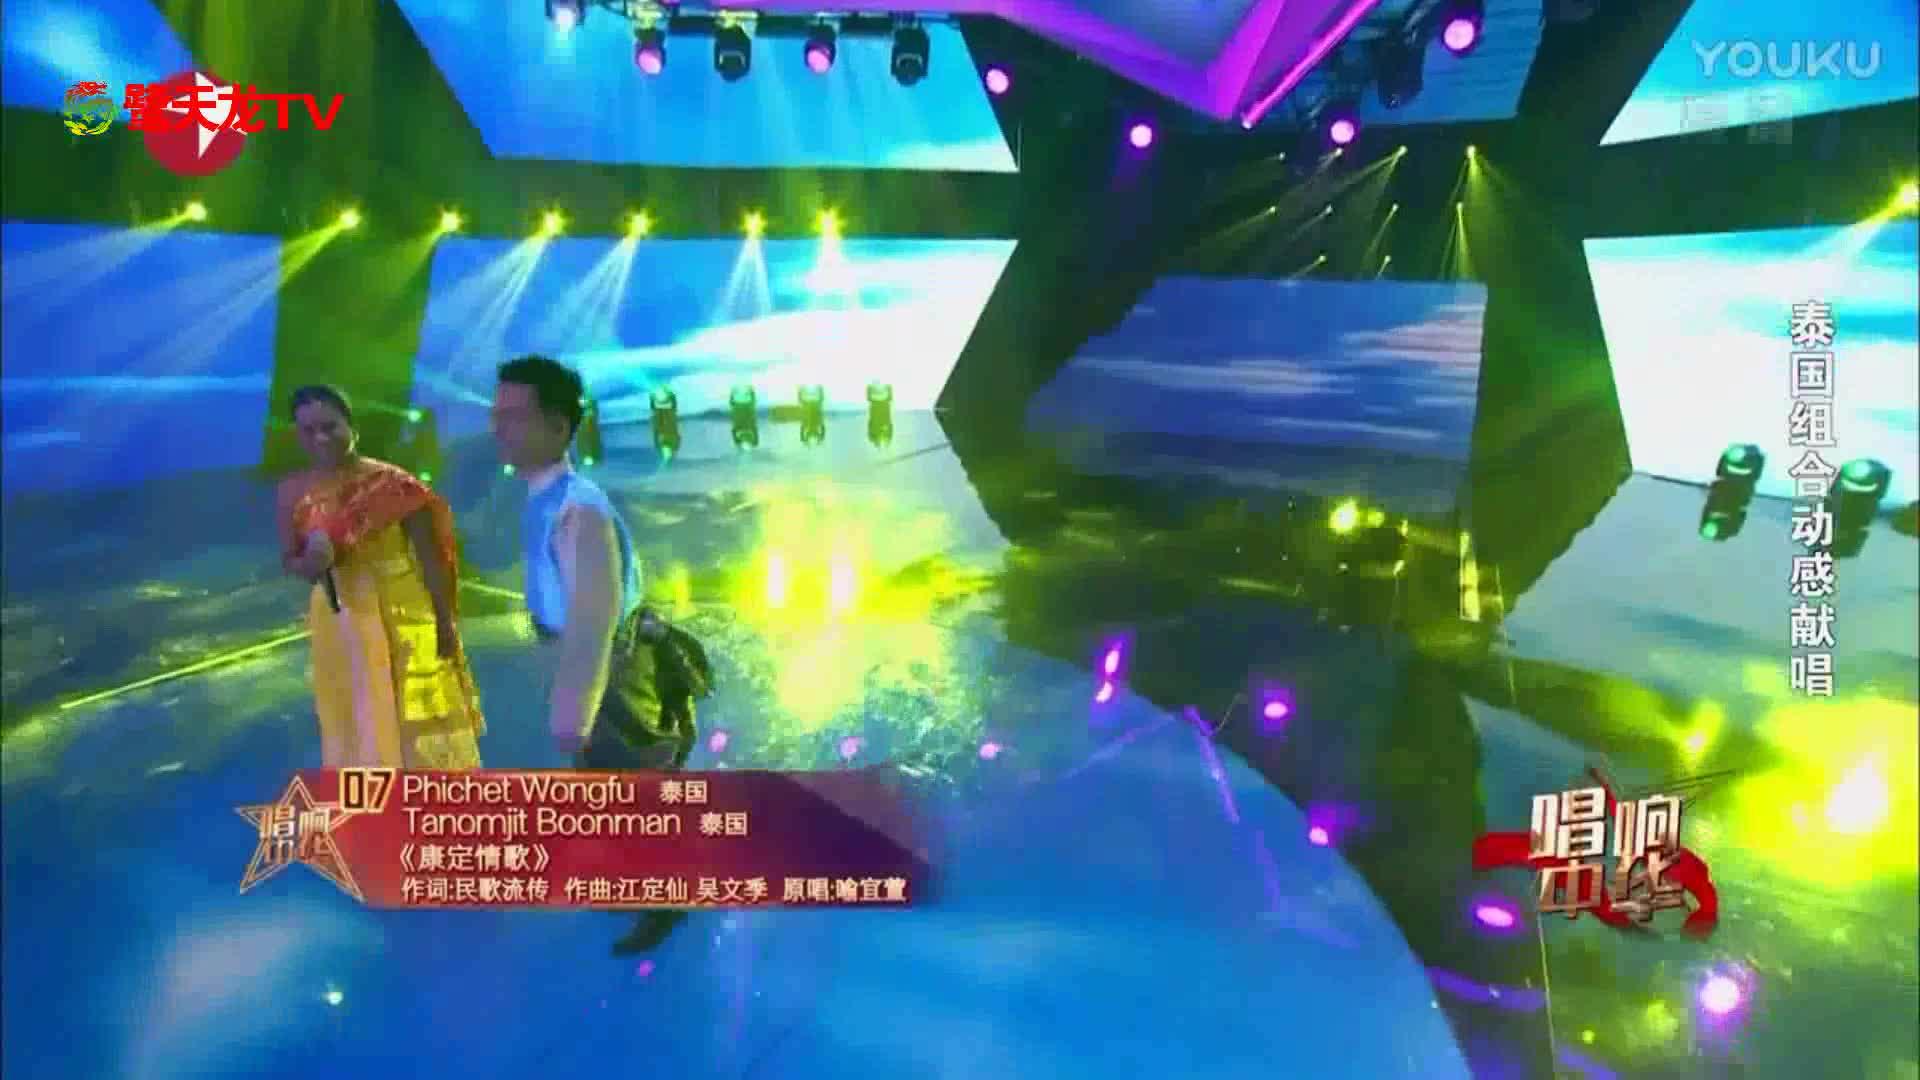 泰国组合动感献唱《康定情歌》堪称珠联璧合